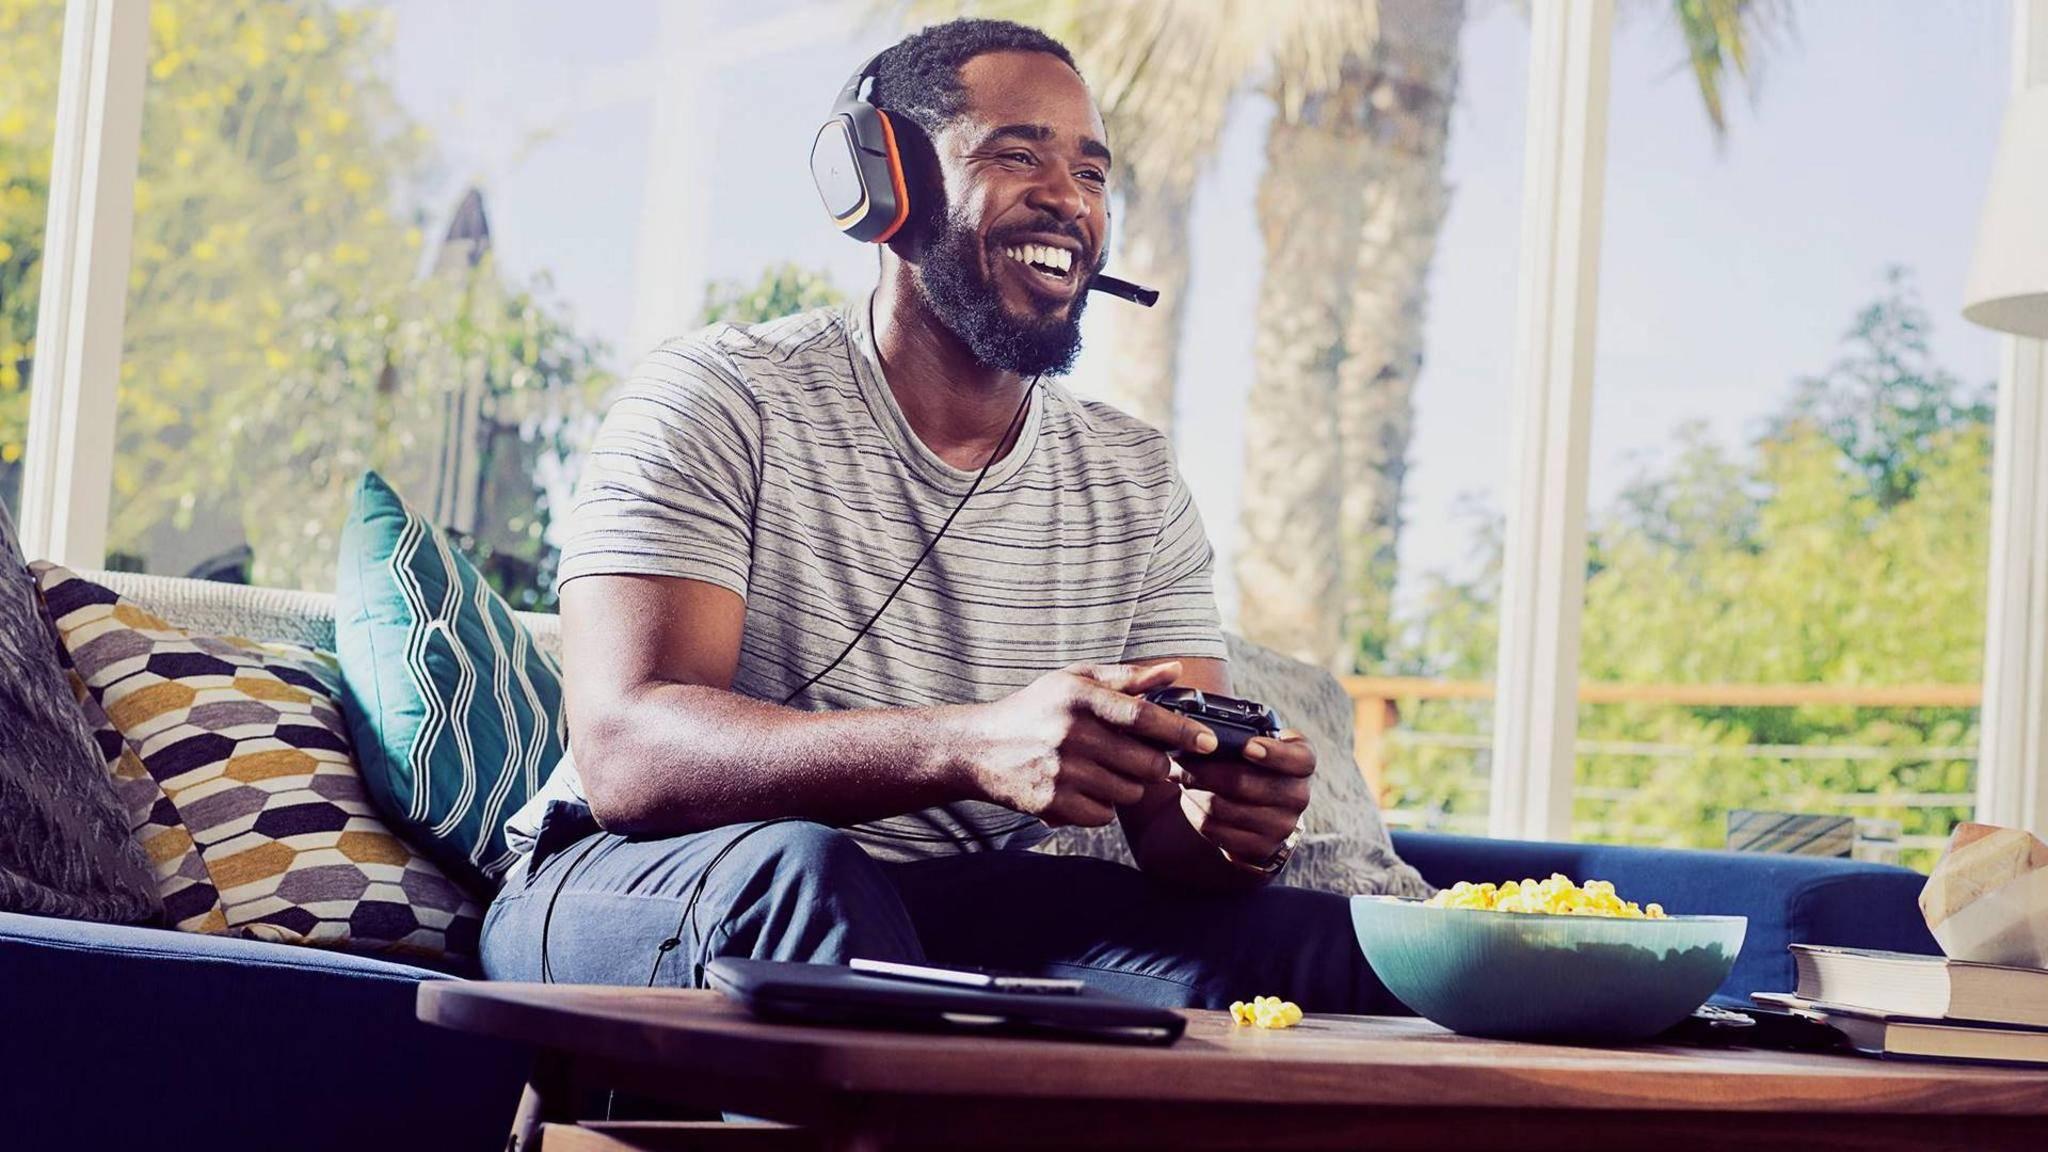 Wir stellen zehn Gaming-Headsets in unterschiedlichen Preisklassen vor.